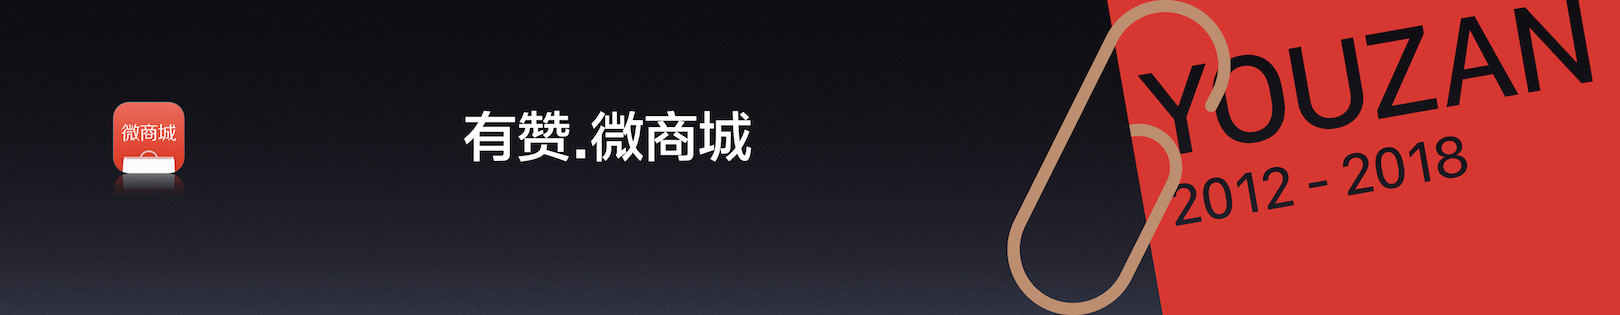 20181127 有赞六周年 - 公开版.024.jpeg